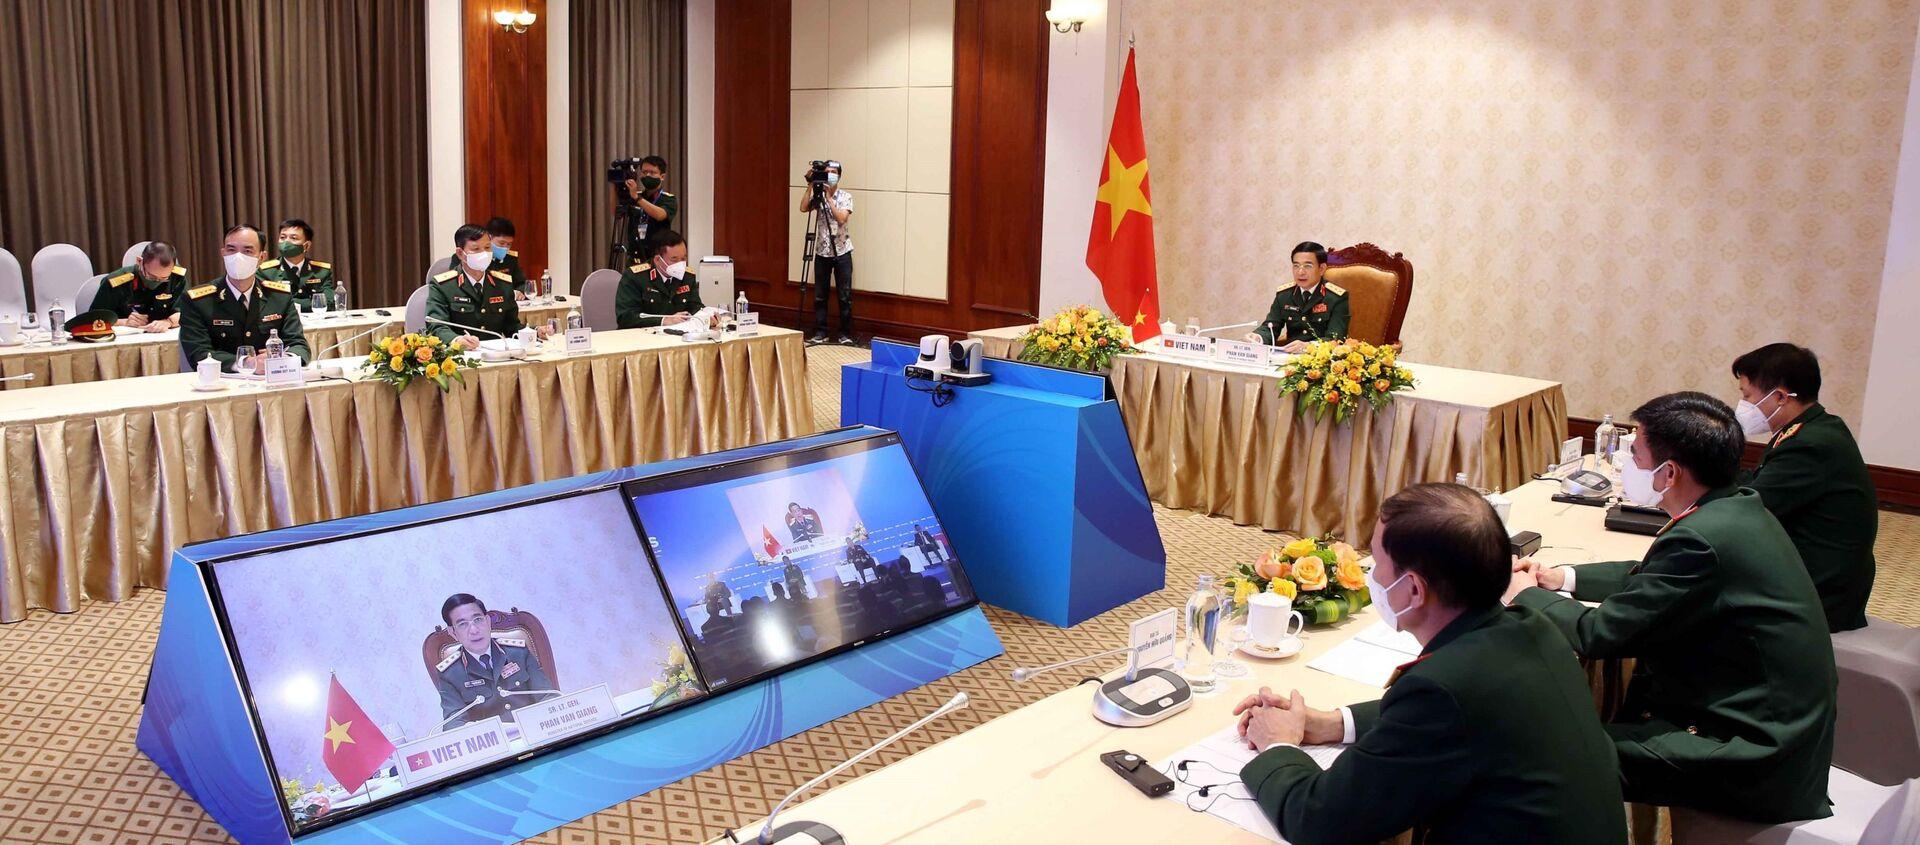 Thượng tướng Phan Văn Giang, Ủy viên Bộ Chính trị, Phó Bí thư Quân ủy Trung ương, Bộ trưởng Bộ Quốc phòng tham dự và phát biểu tại hội nghị trực tuyến An ninh Quốc tế Moscow (Liên Bang Nga) lần thứ 9. - Sputnik Việt Nam, 1920, 24.06.2021